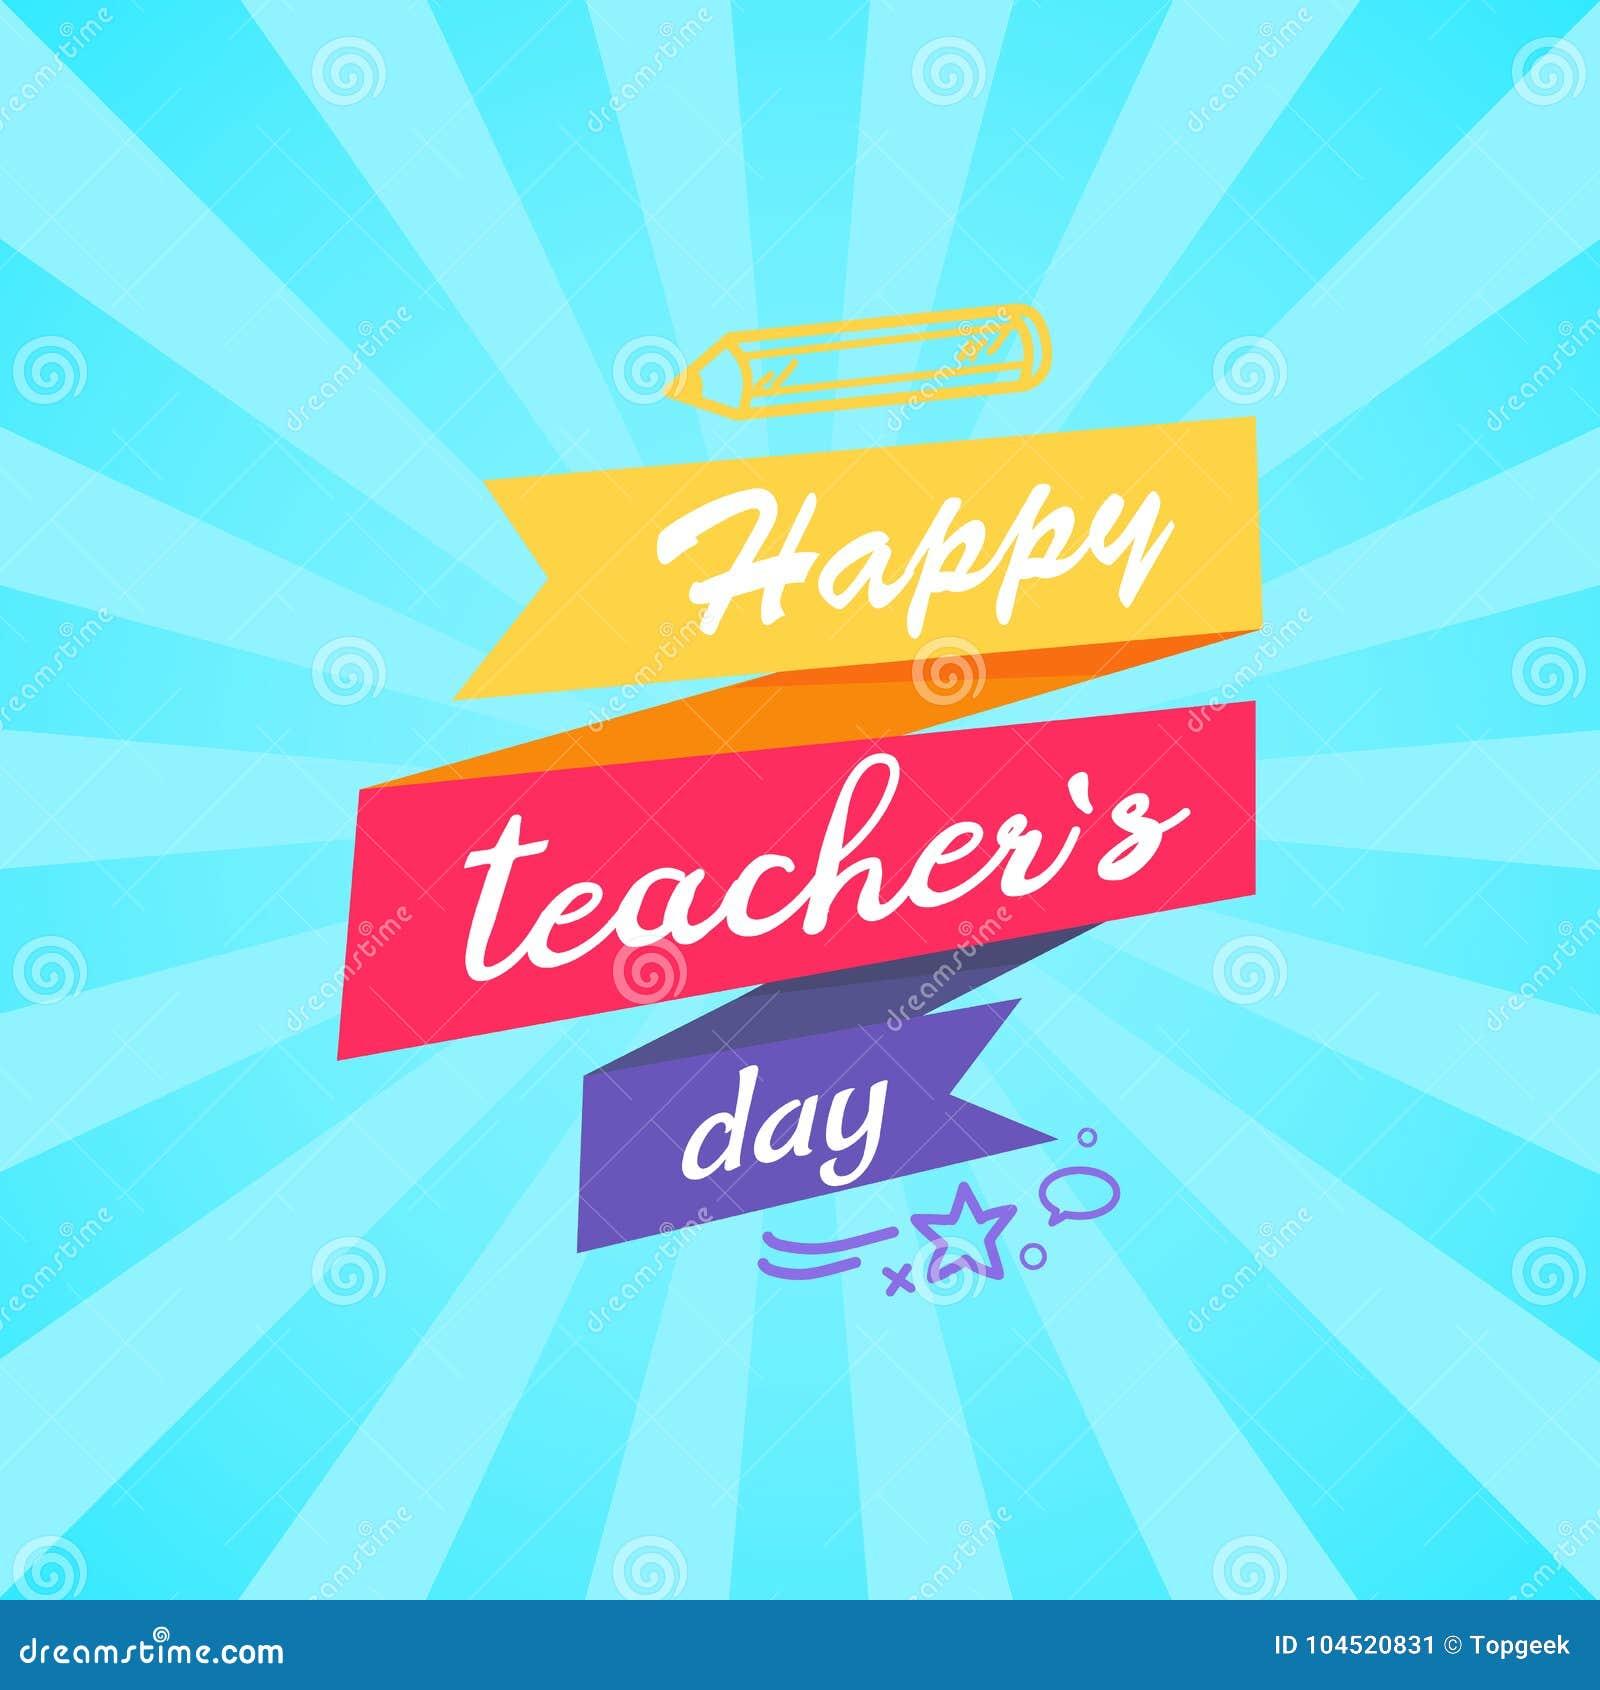 Happy Teachers Day Inscription Written on Ribbon